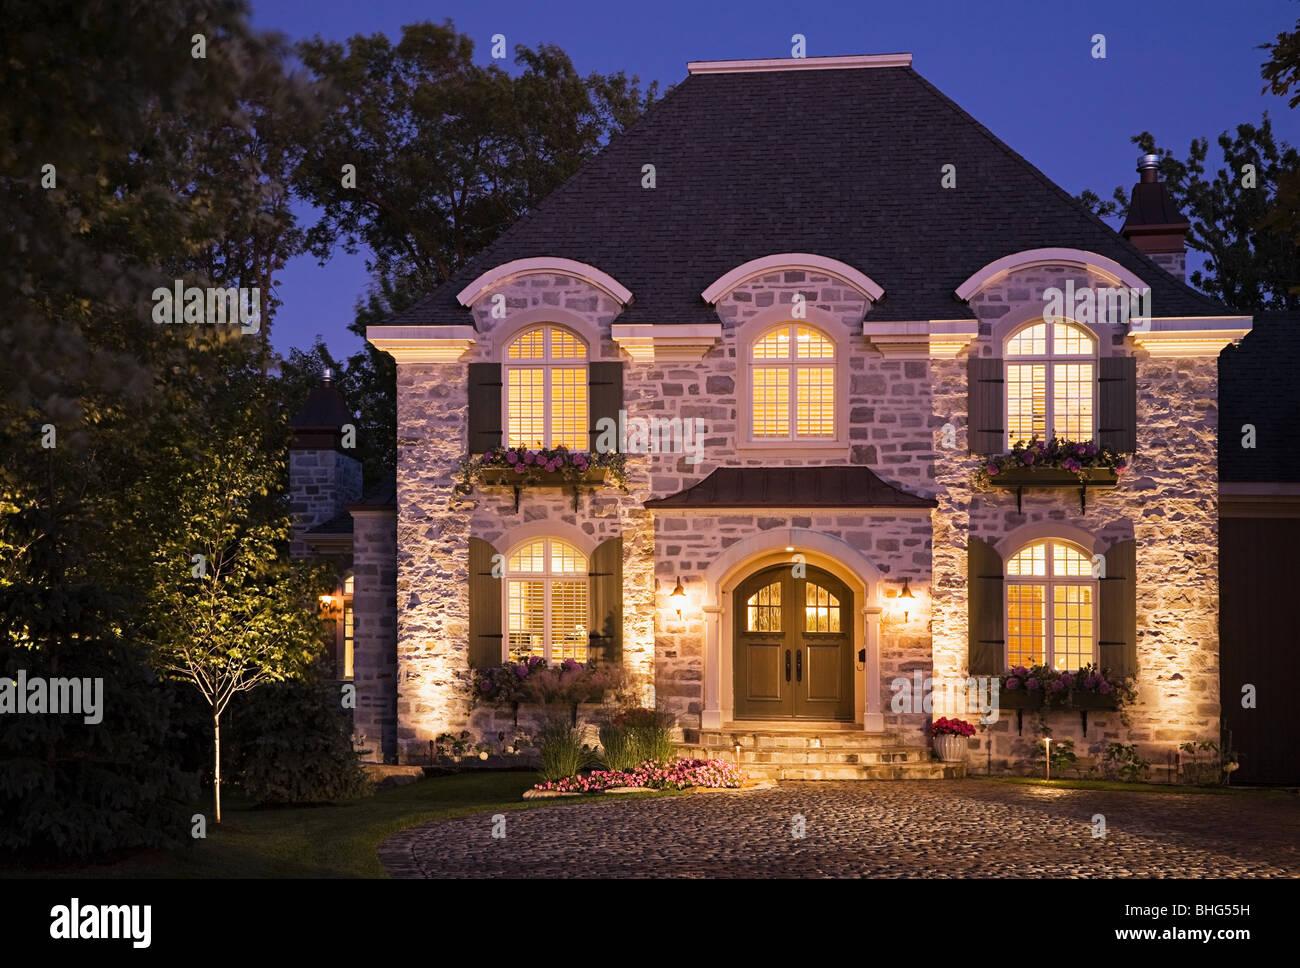 Large house illuminated - Stock Image